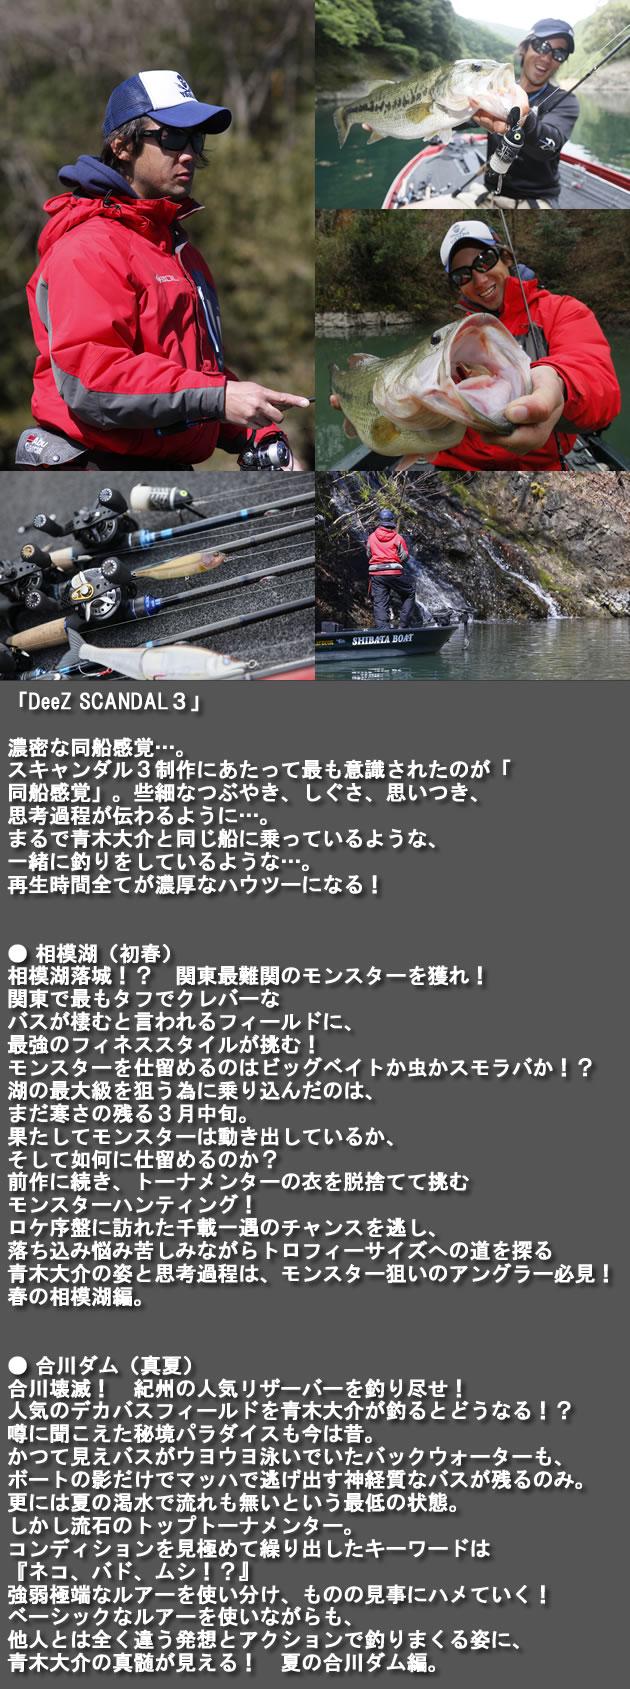 【青木大介】2017年に活躍したベストルアー5選!   …